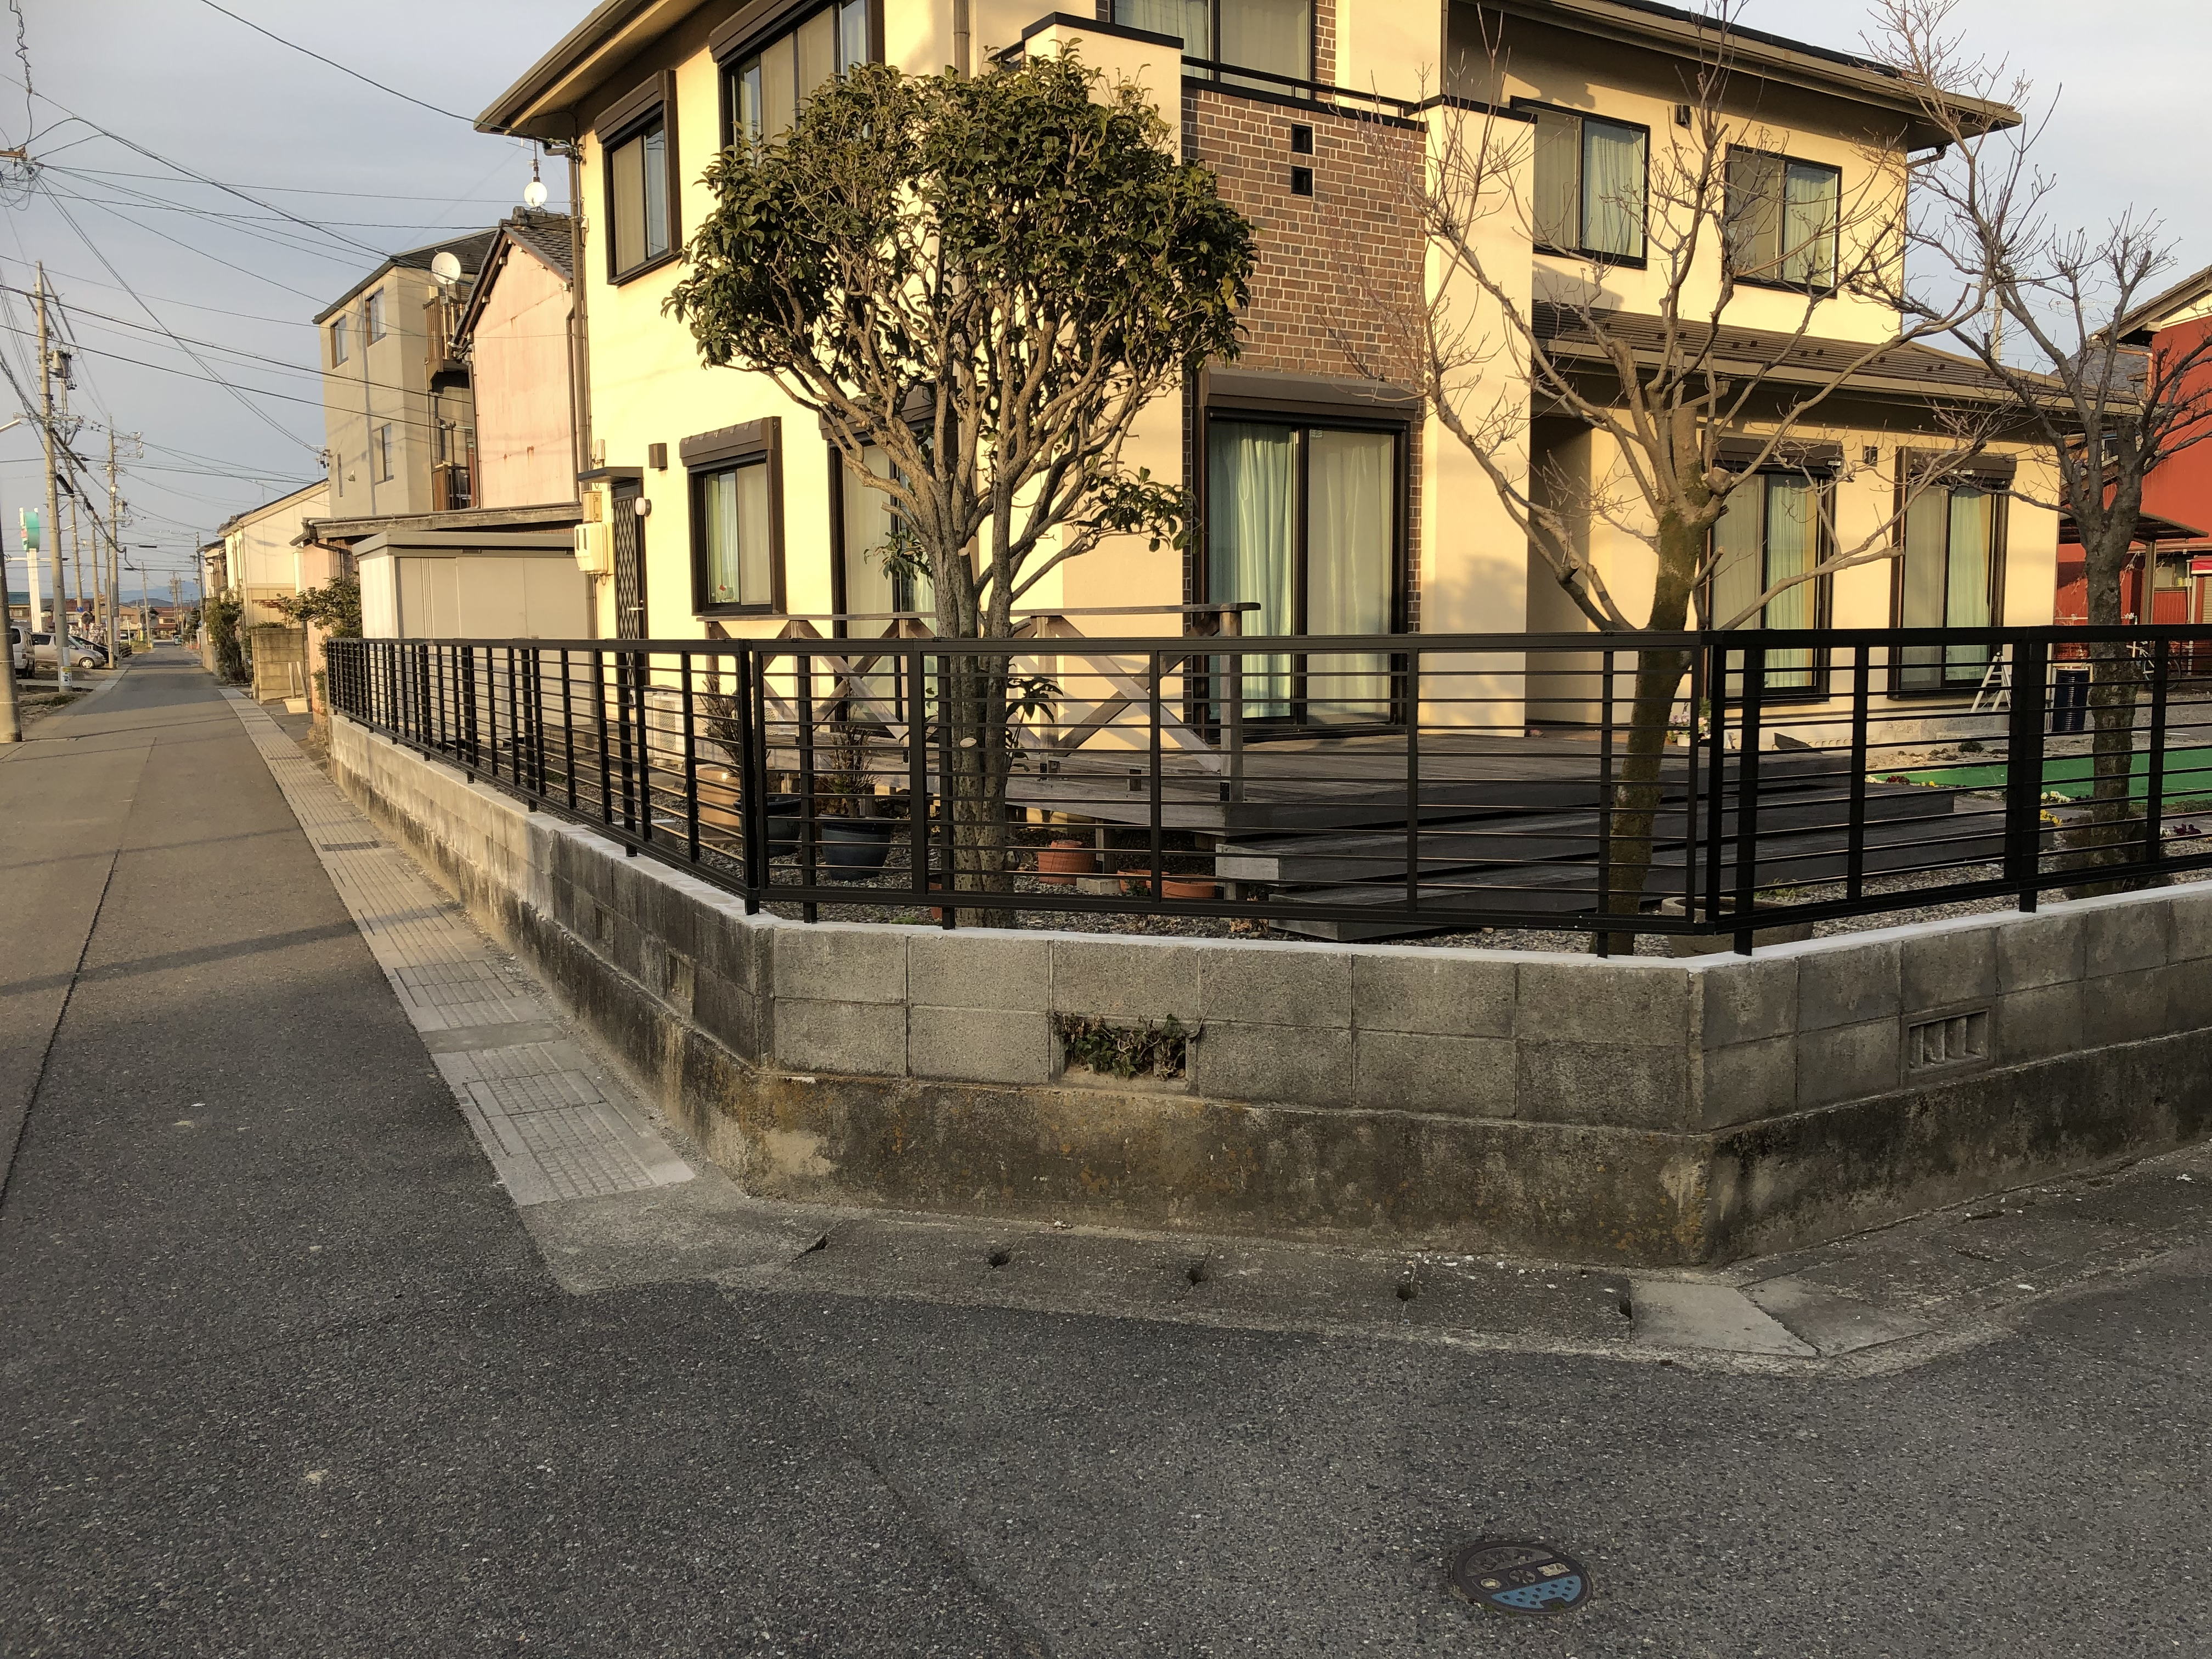 ブロックからフェンスに変わったことによって、素敵なご自宅が見える割合が増え、とてもスタイリッシュに仕上がりました!